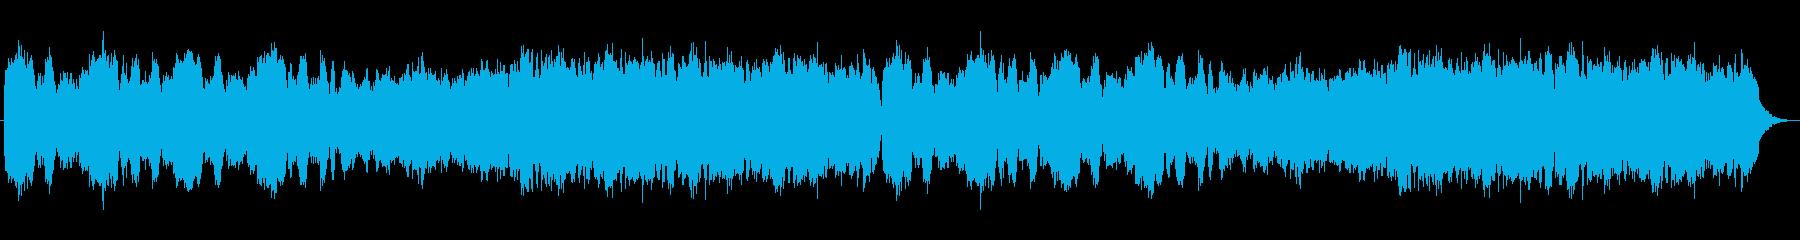 パイプオルガンの明るい曲の再生済みの波形